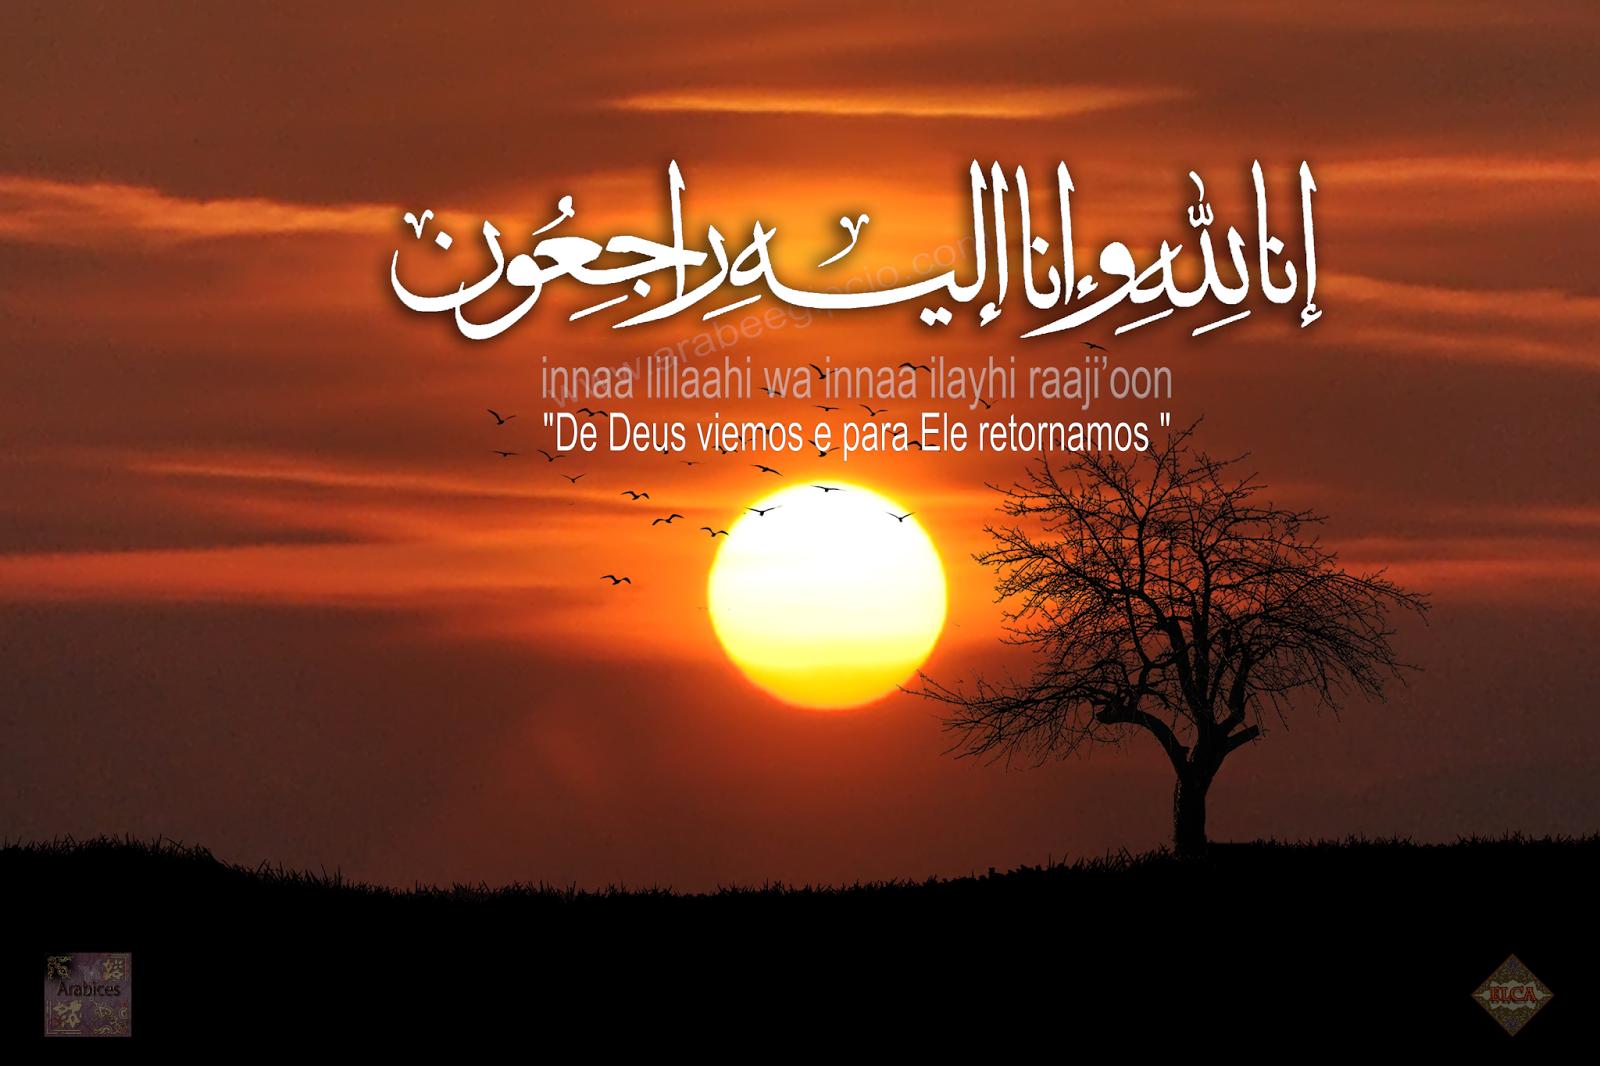 Estudos Da Língua E Cultura árabe Como Dar Os Pêsames Condolencias